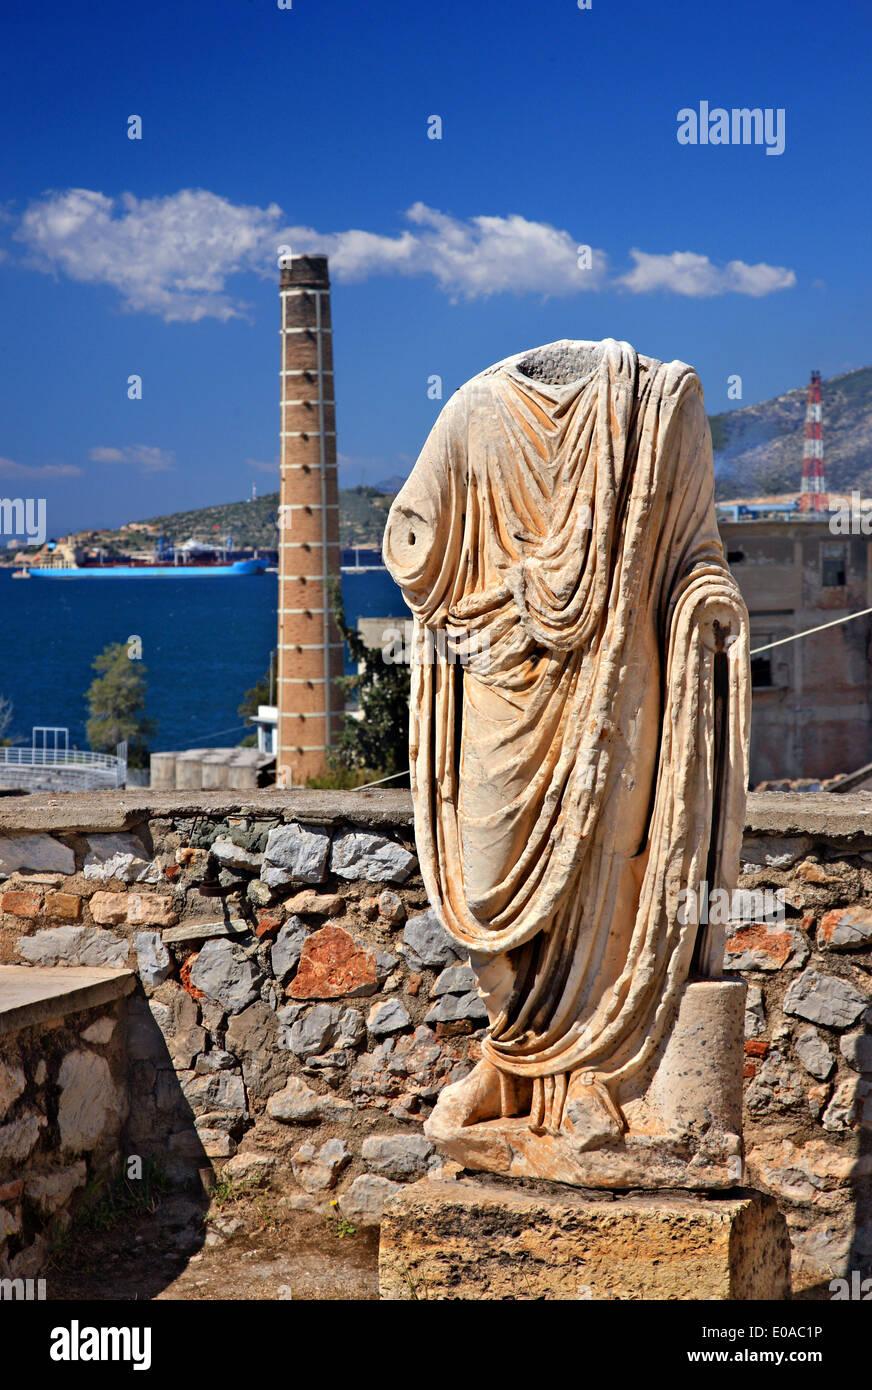 Antike griechische Statue auf der Werft von dem archäologischen Museum von Eleusis (Elefsina), Attika, Griechenland. Stockbild